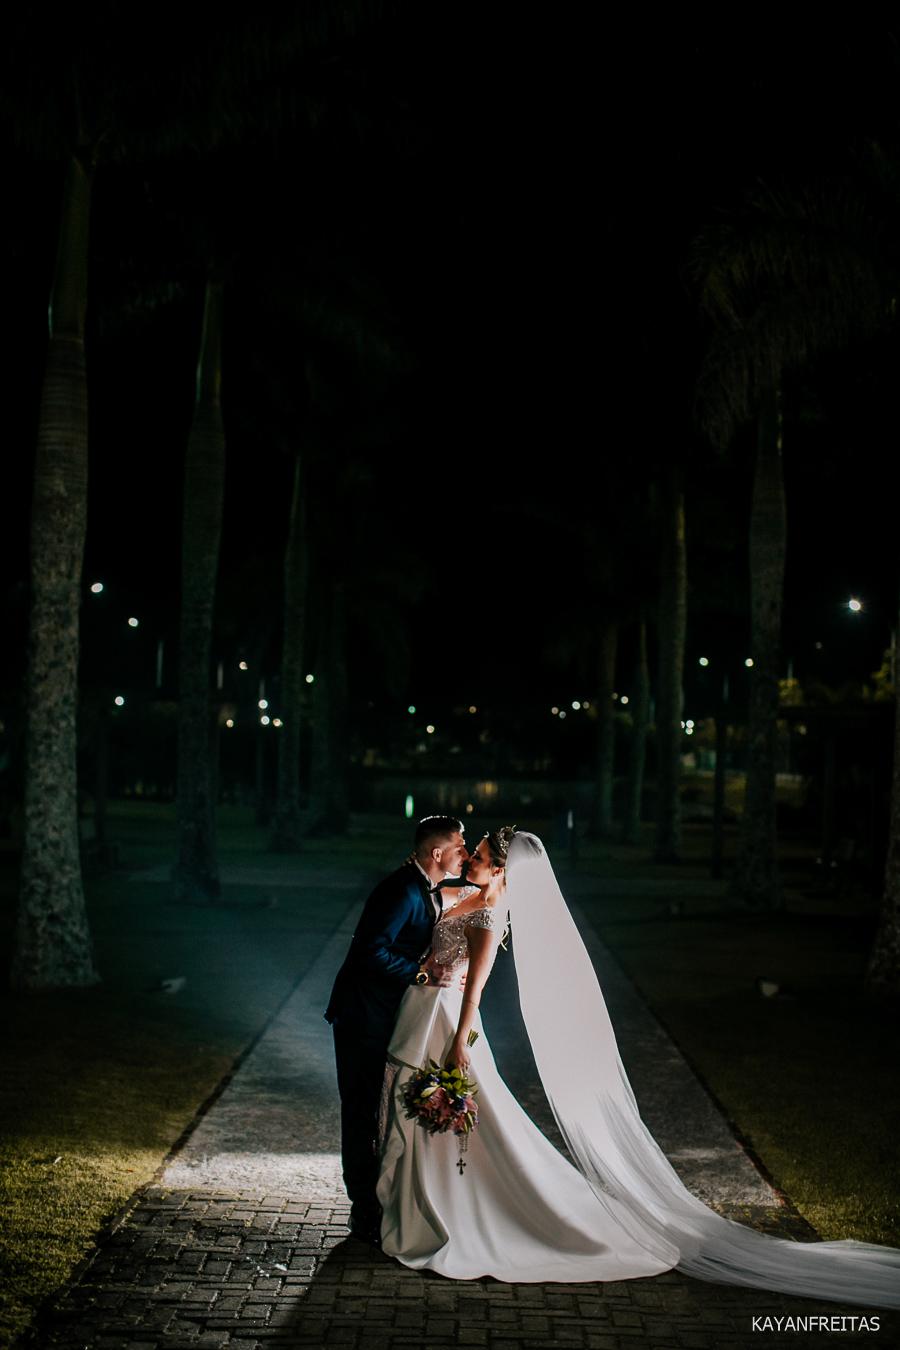 casamento-biguacu-tainaramarcos-0073 Casamento Tainara e Marcos - Biguaçu